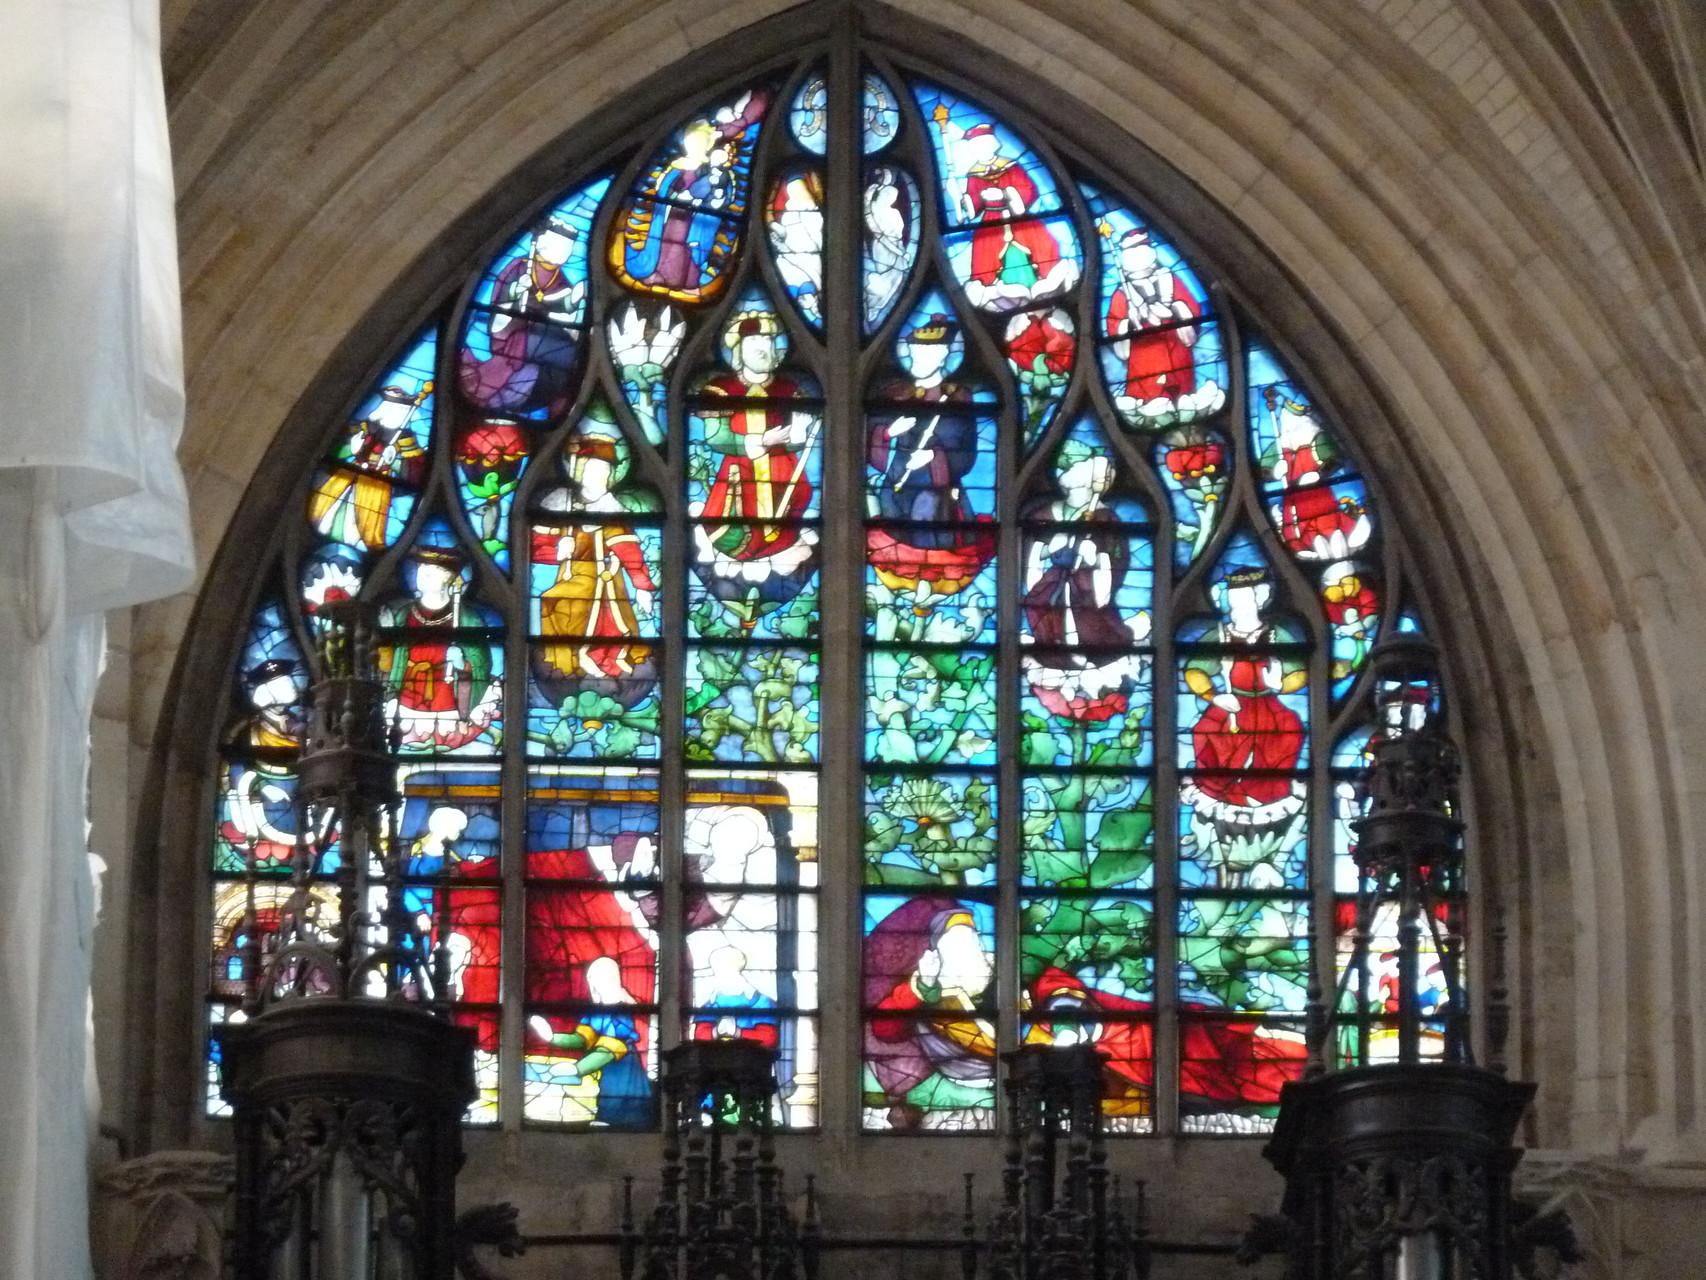 un des vitraux de Notre Dame